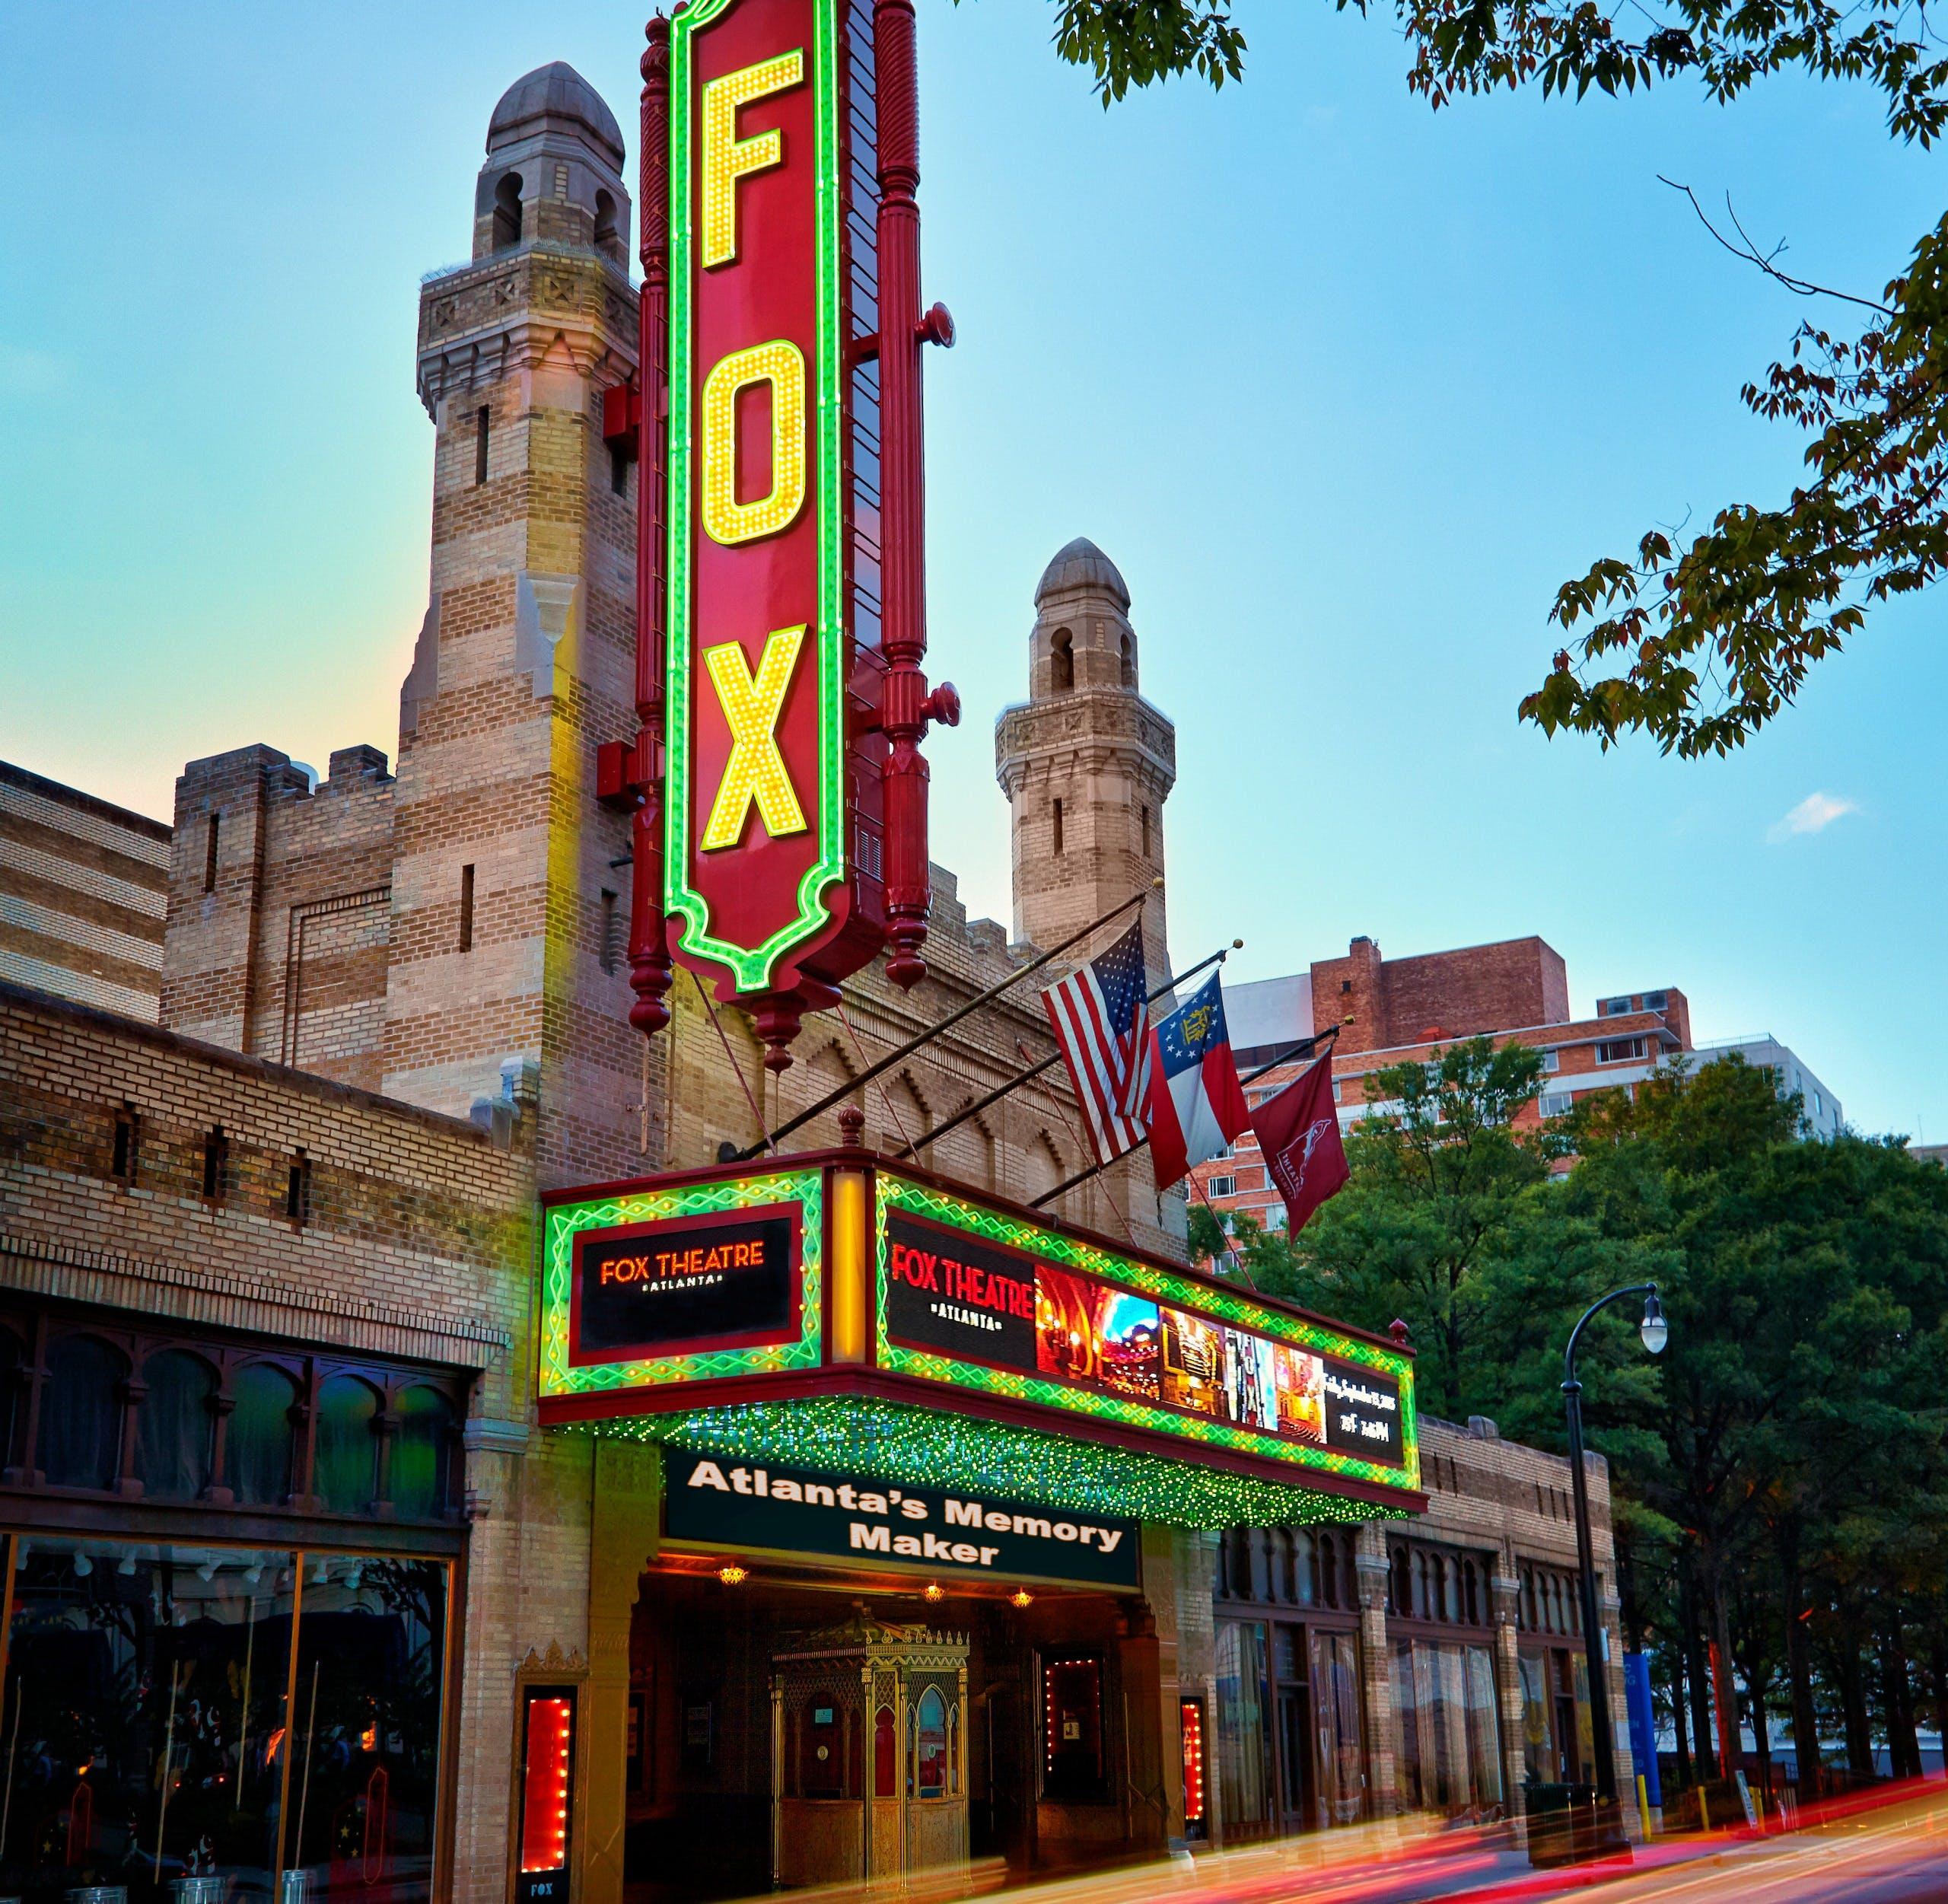 exterior of Fox Theatre